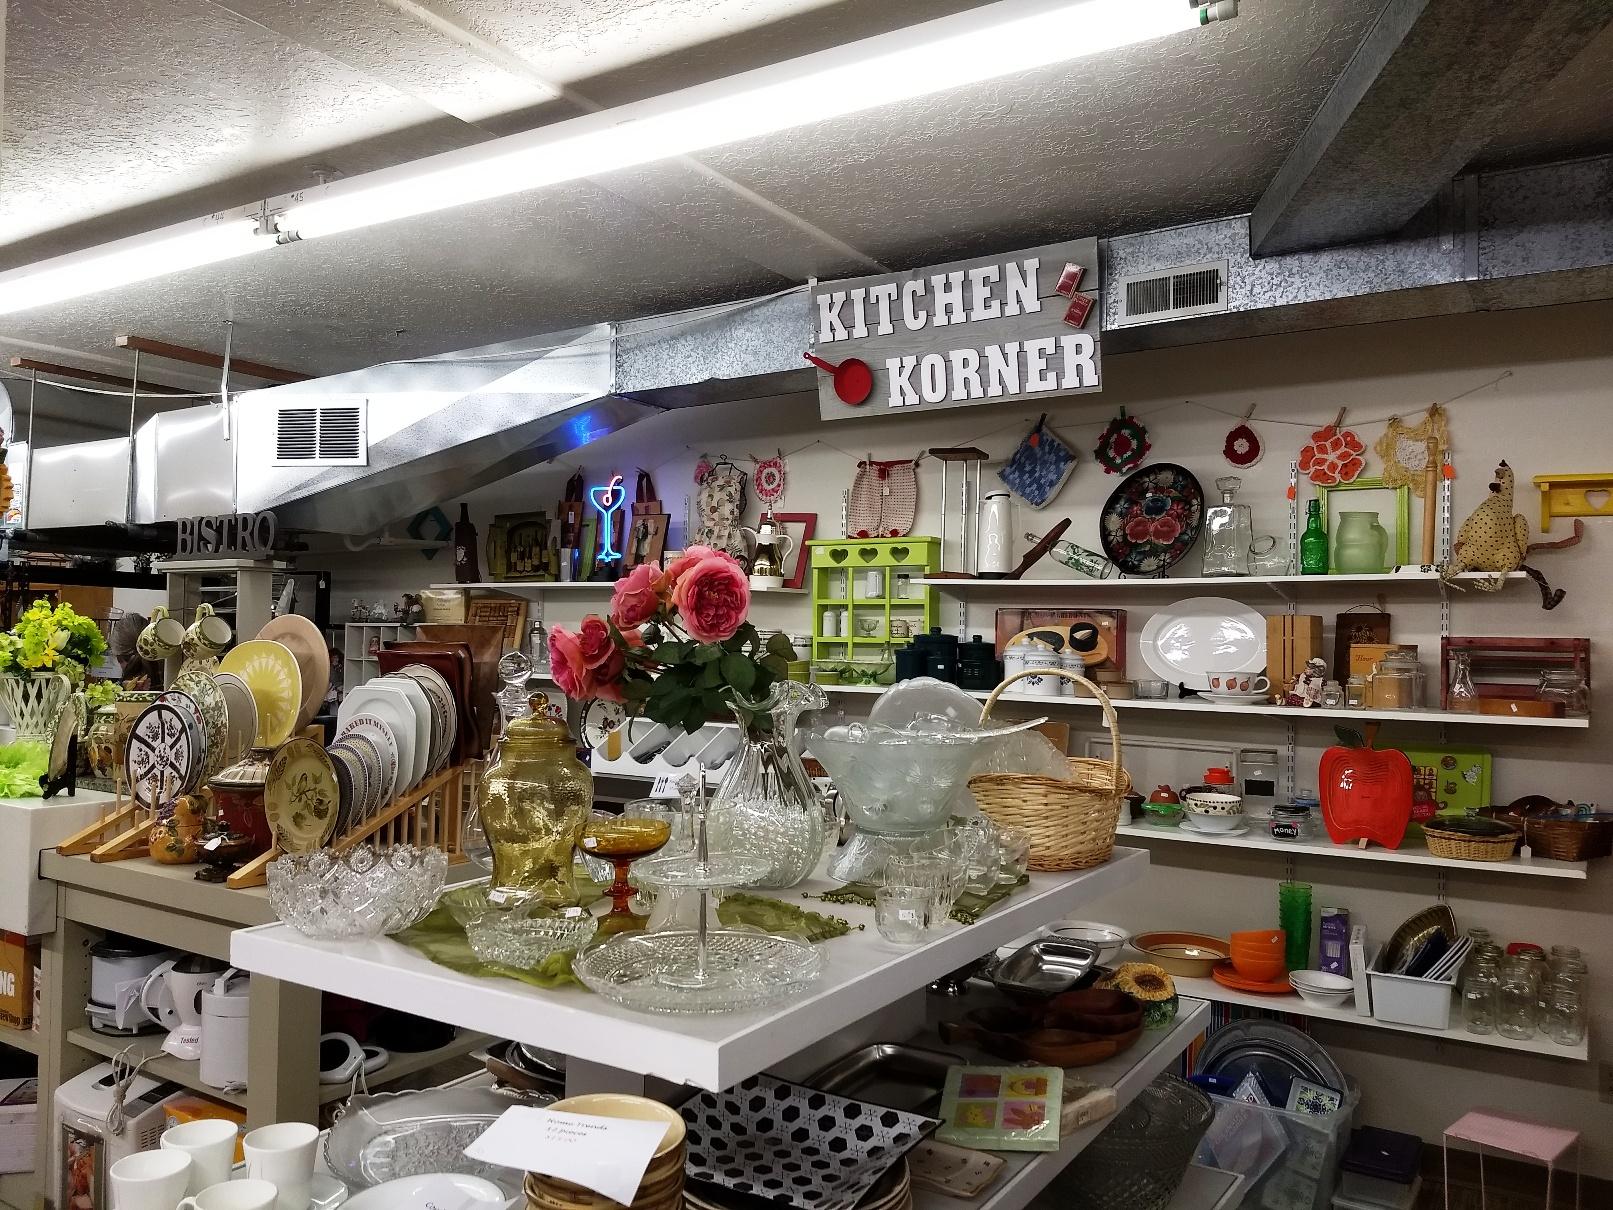 Kitchen Korner in Thrift Shop